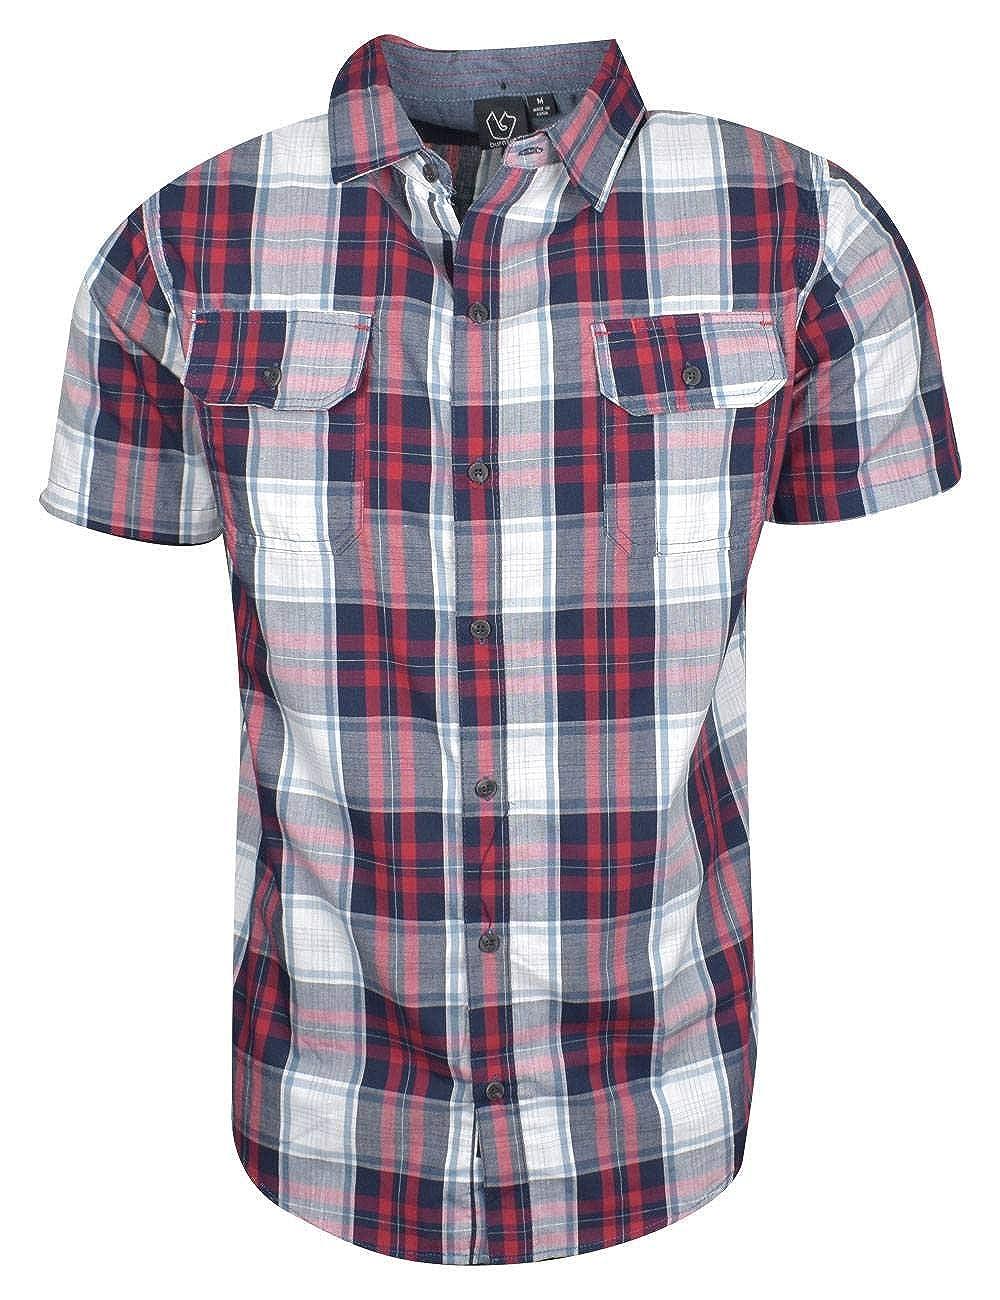 Burnside- Short Sleeve Plaid Woven Shirt BH9203A-XXL